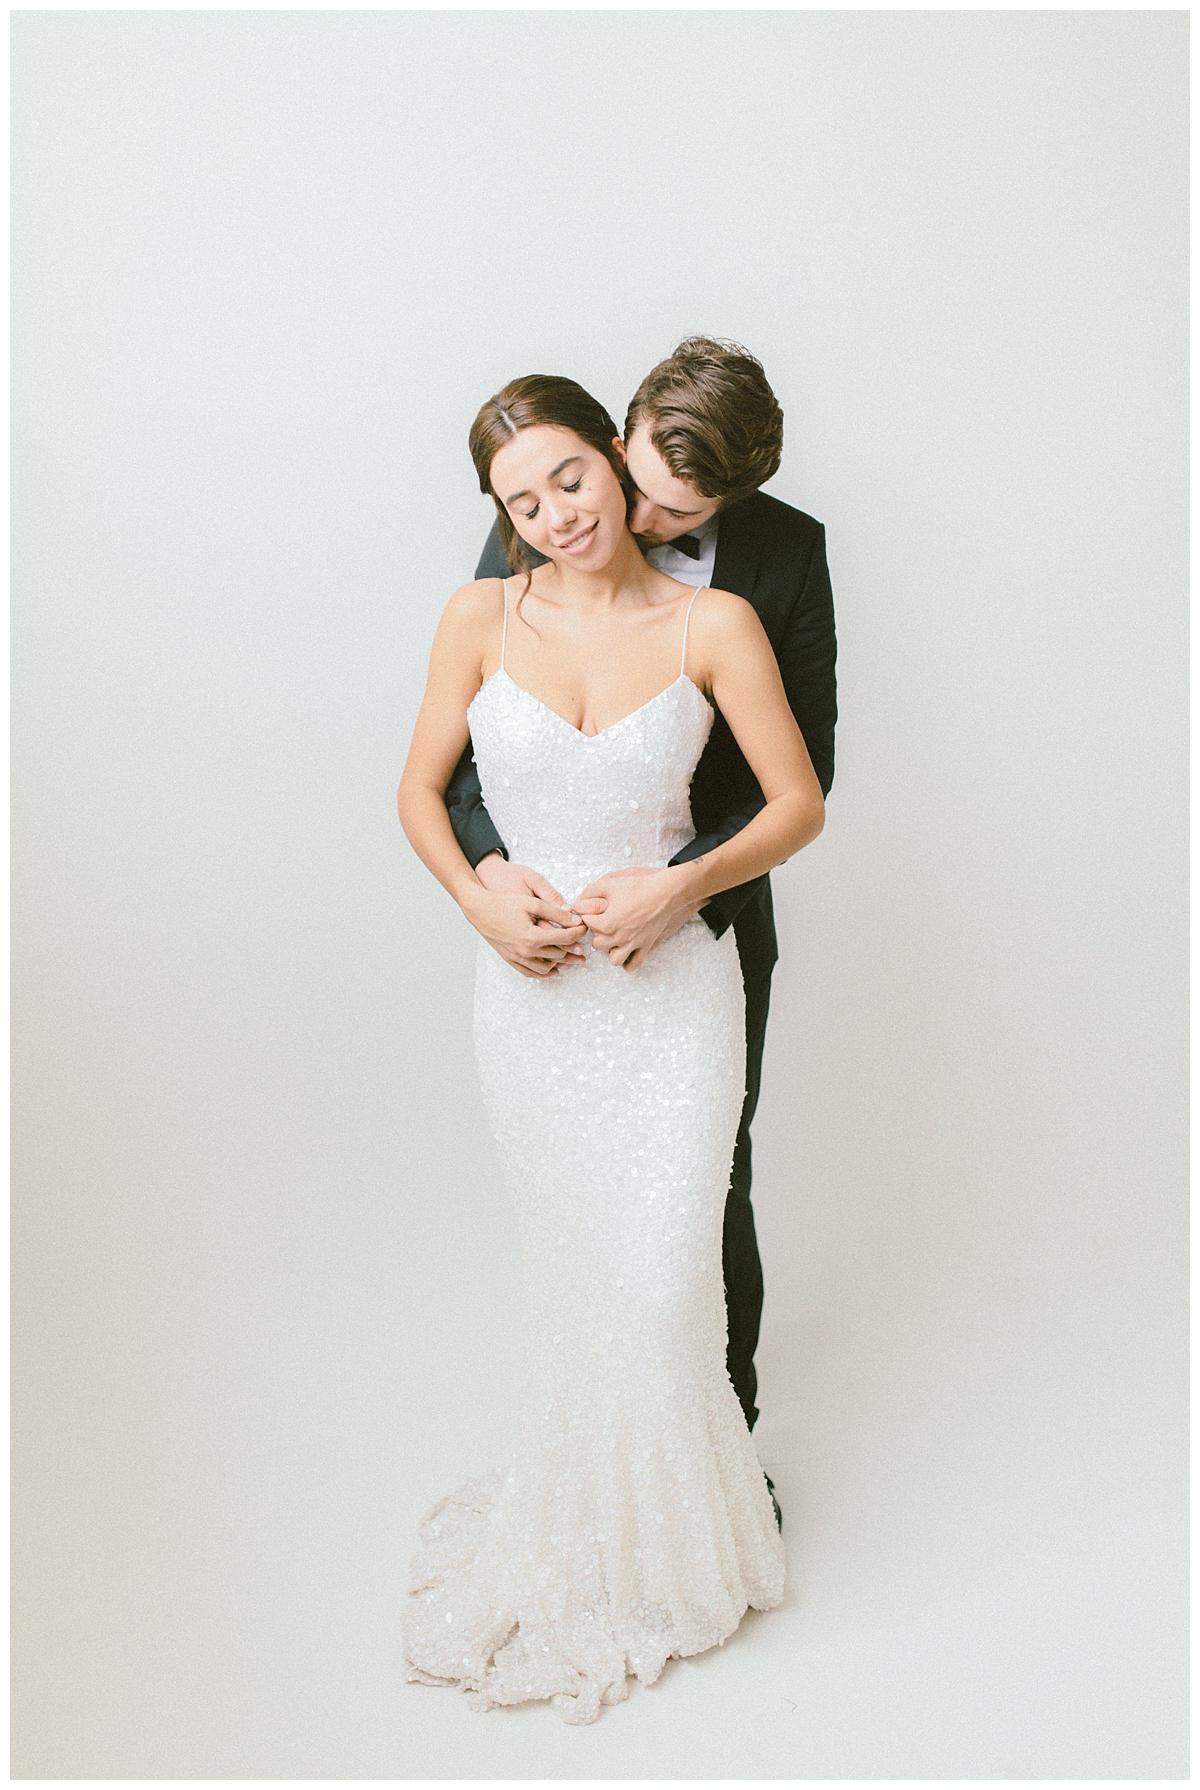 Hong Kong Fine Art Wedding Prewedding Photographer Mattie C. 00083.jpg